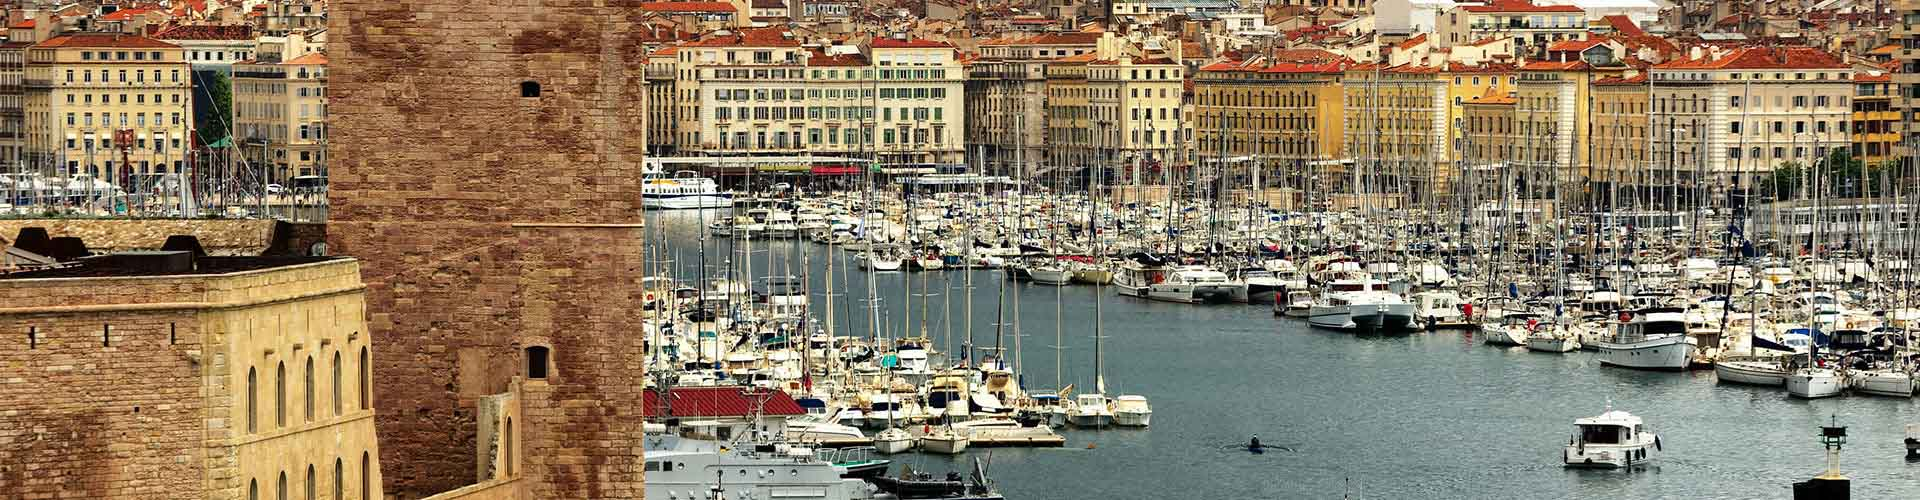 Marseille - Ifjúsági Szállások Marseilleben. Marseille térképek, fotók és ajánlások minden egyes ifjúsági szállásokra Marseille-ben.